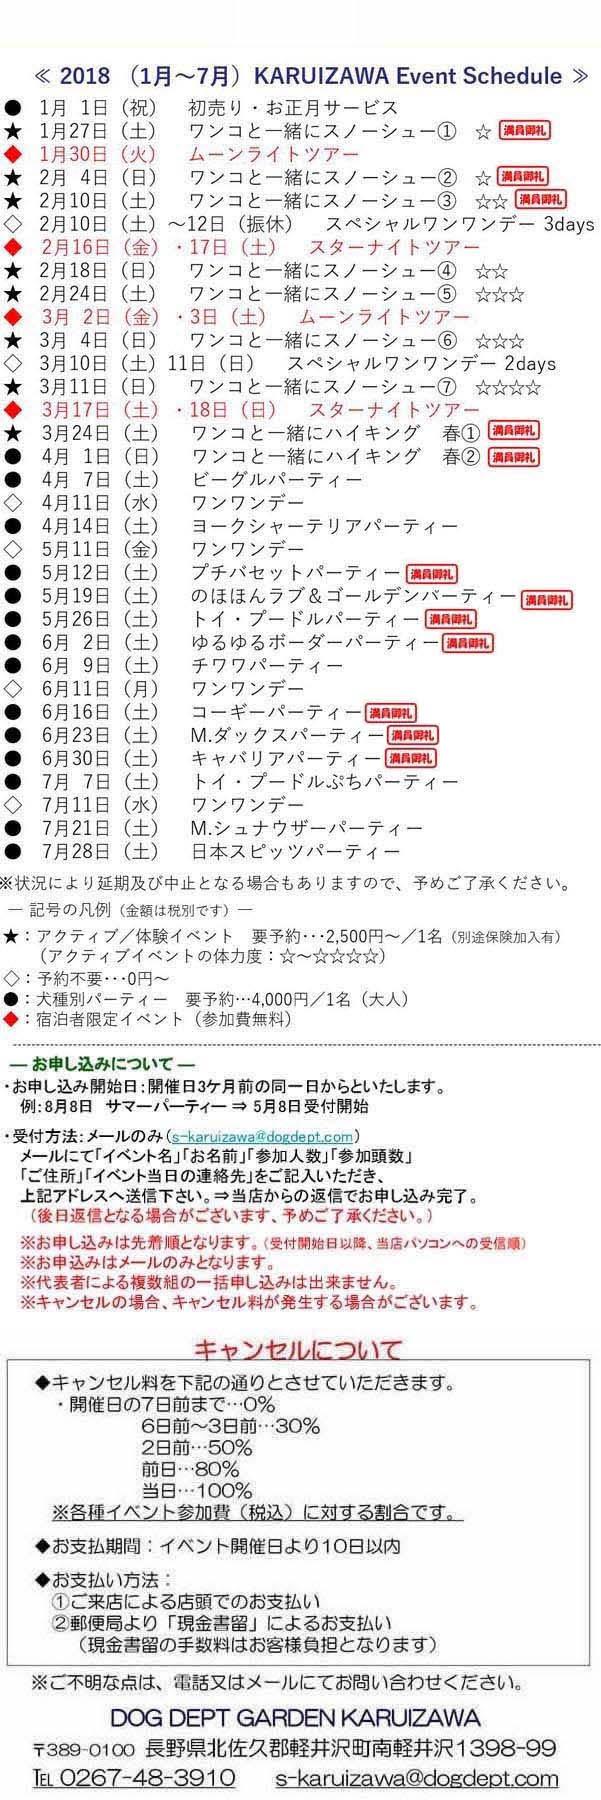 2018年1月~7月 DOG DEPT 軽井沢イベントスケジュール